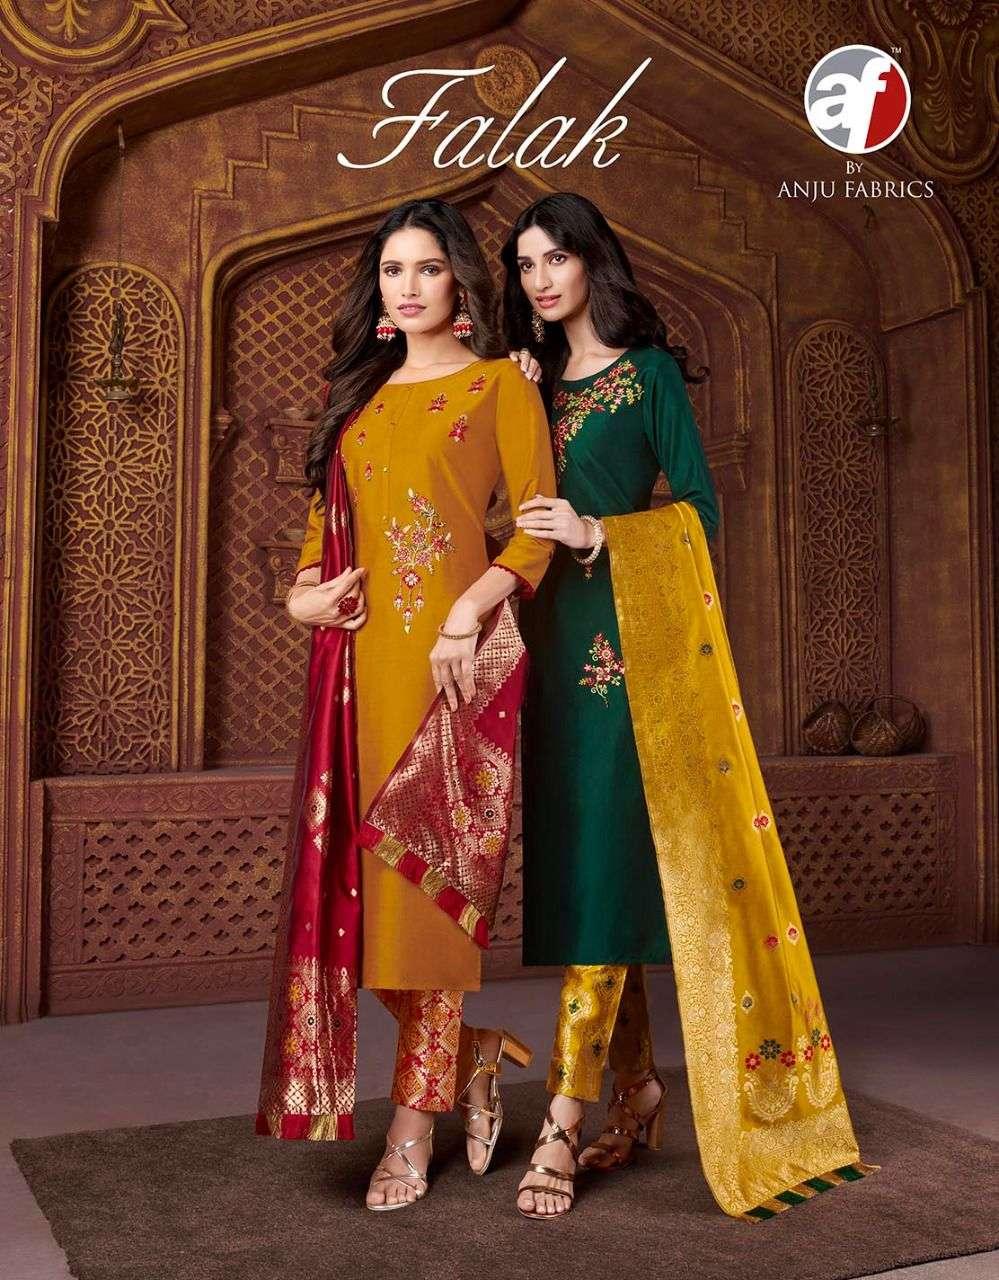 AF Stock Out Falak Vol 1 By Anju Fabric Designer Readymade Salwar Suit catalog Dealer